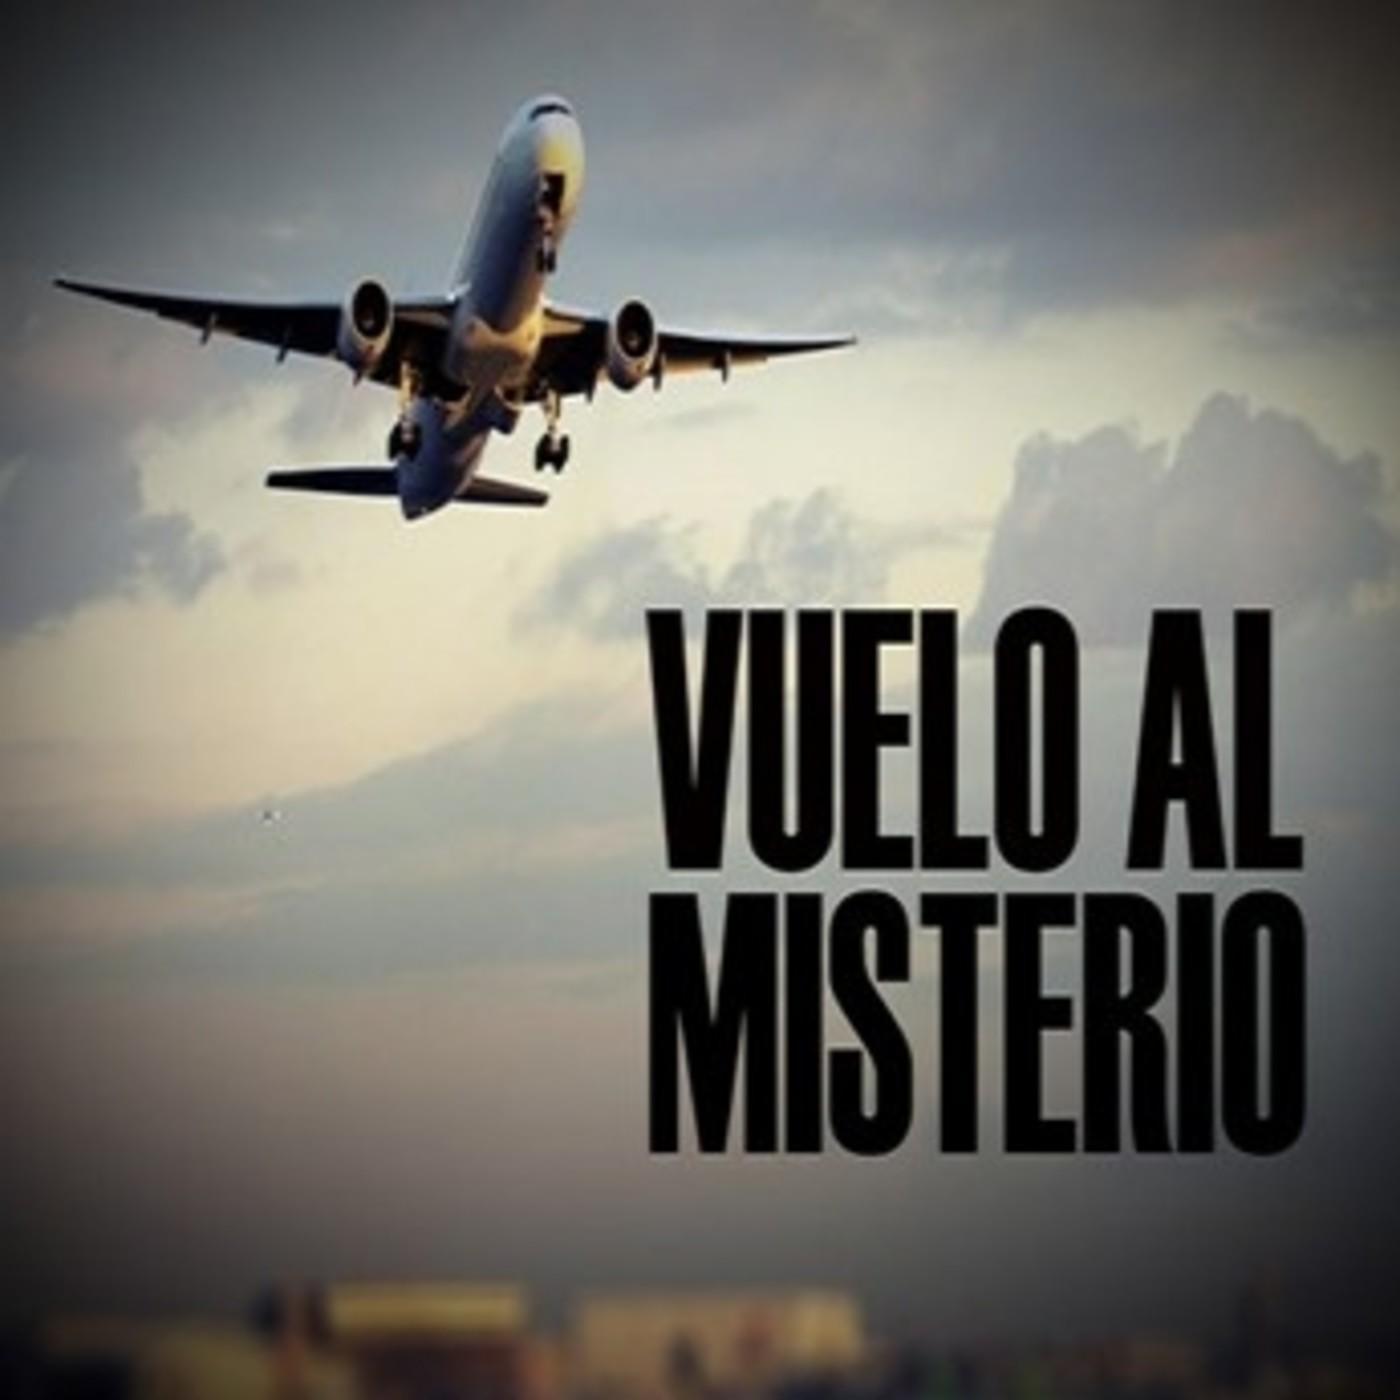 Cuarto milenio el enigma de los aviones fantasma en for Episodios de cuarto milenio